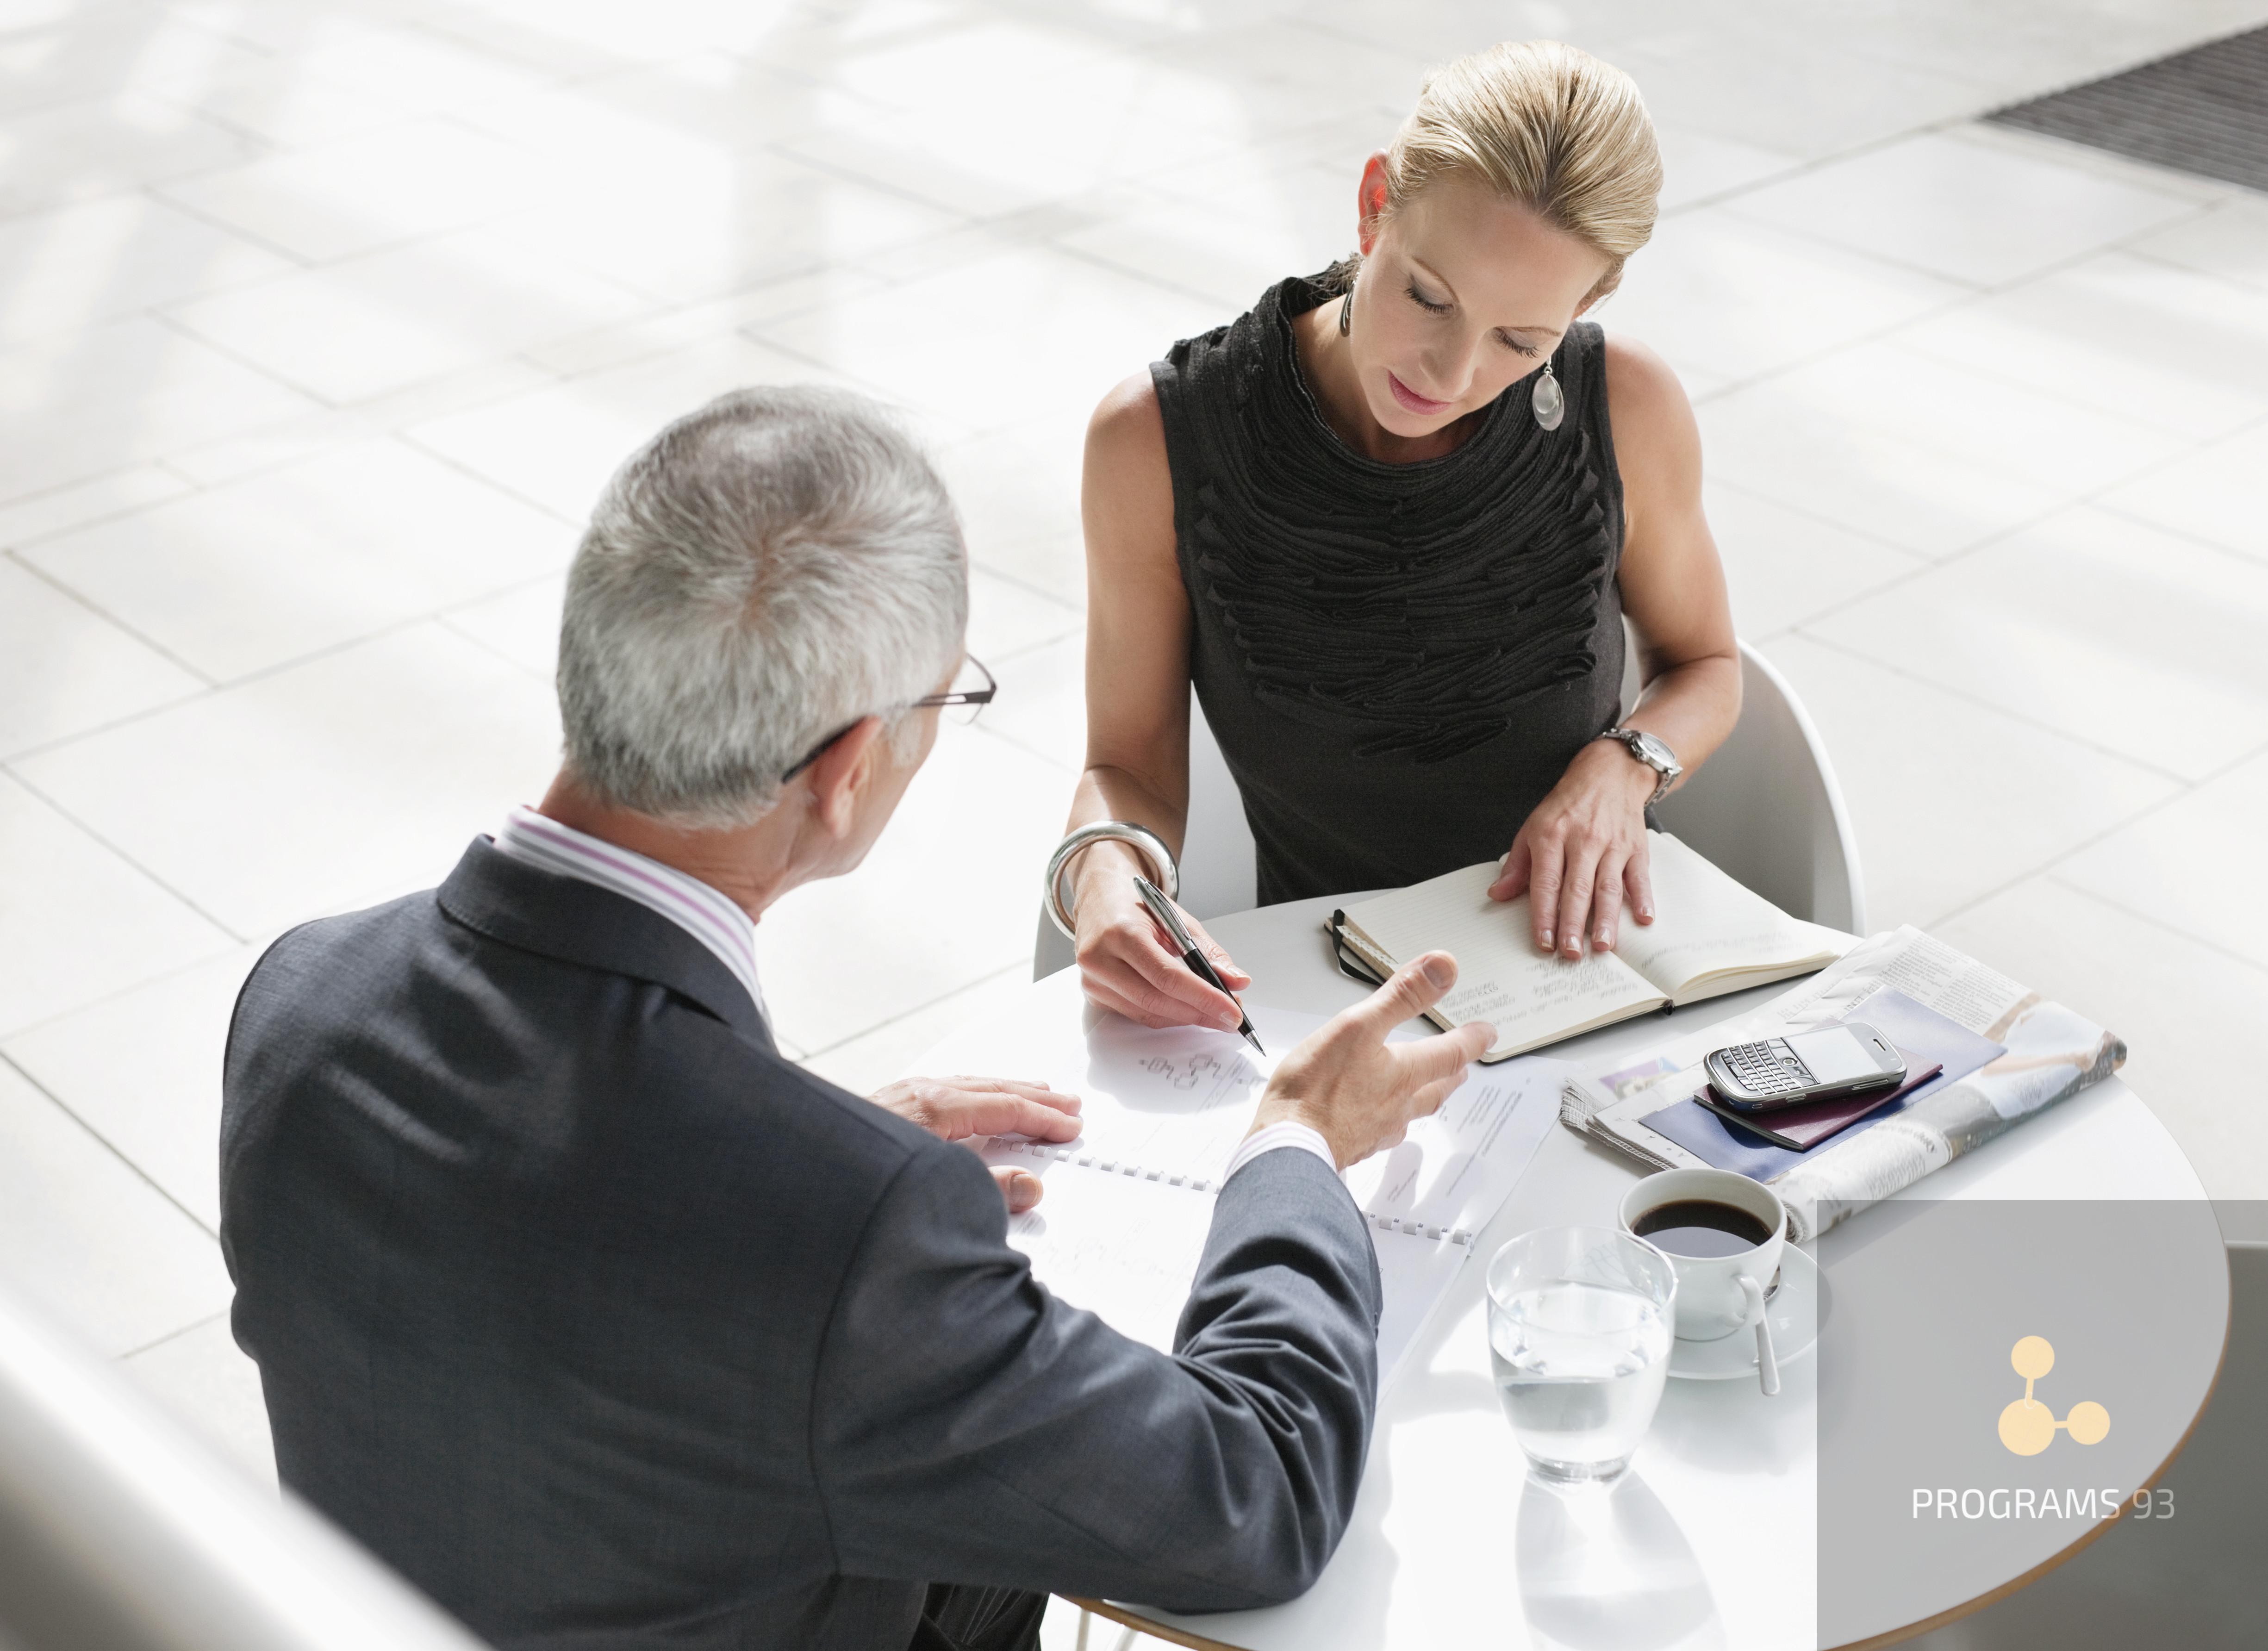 Налогообложение аренды жилья для сотрудников организации: особенности и варианты